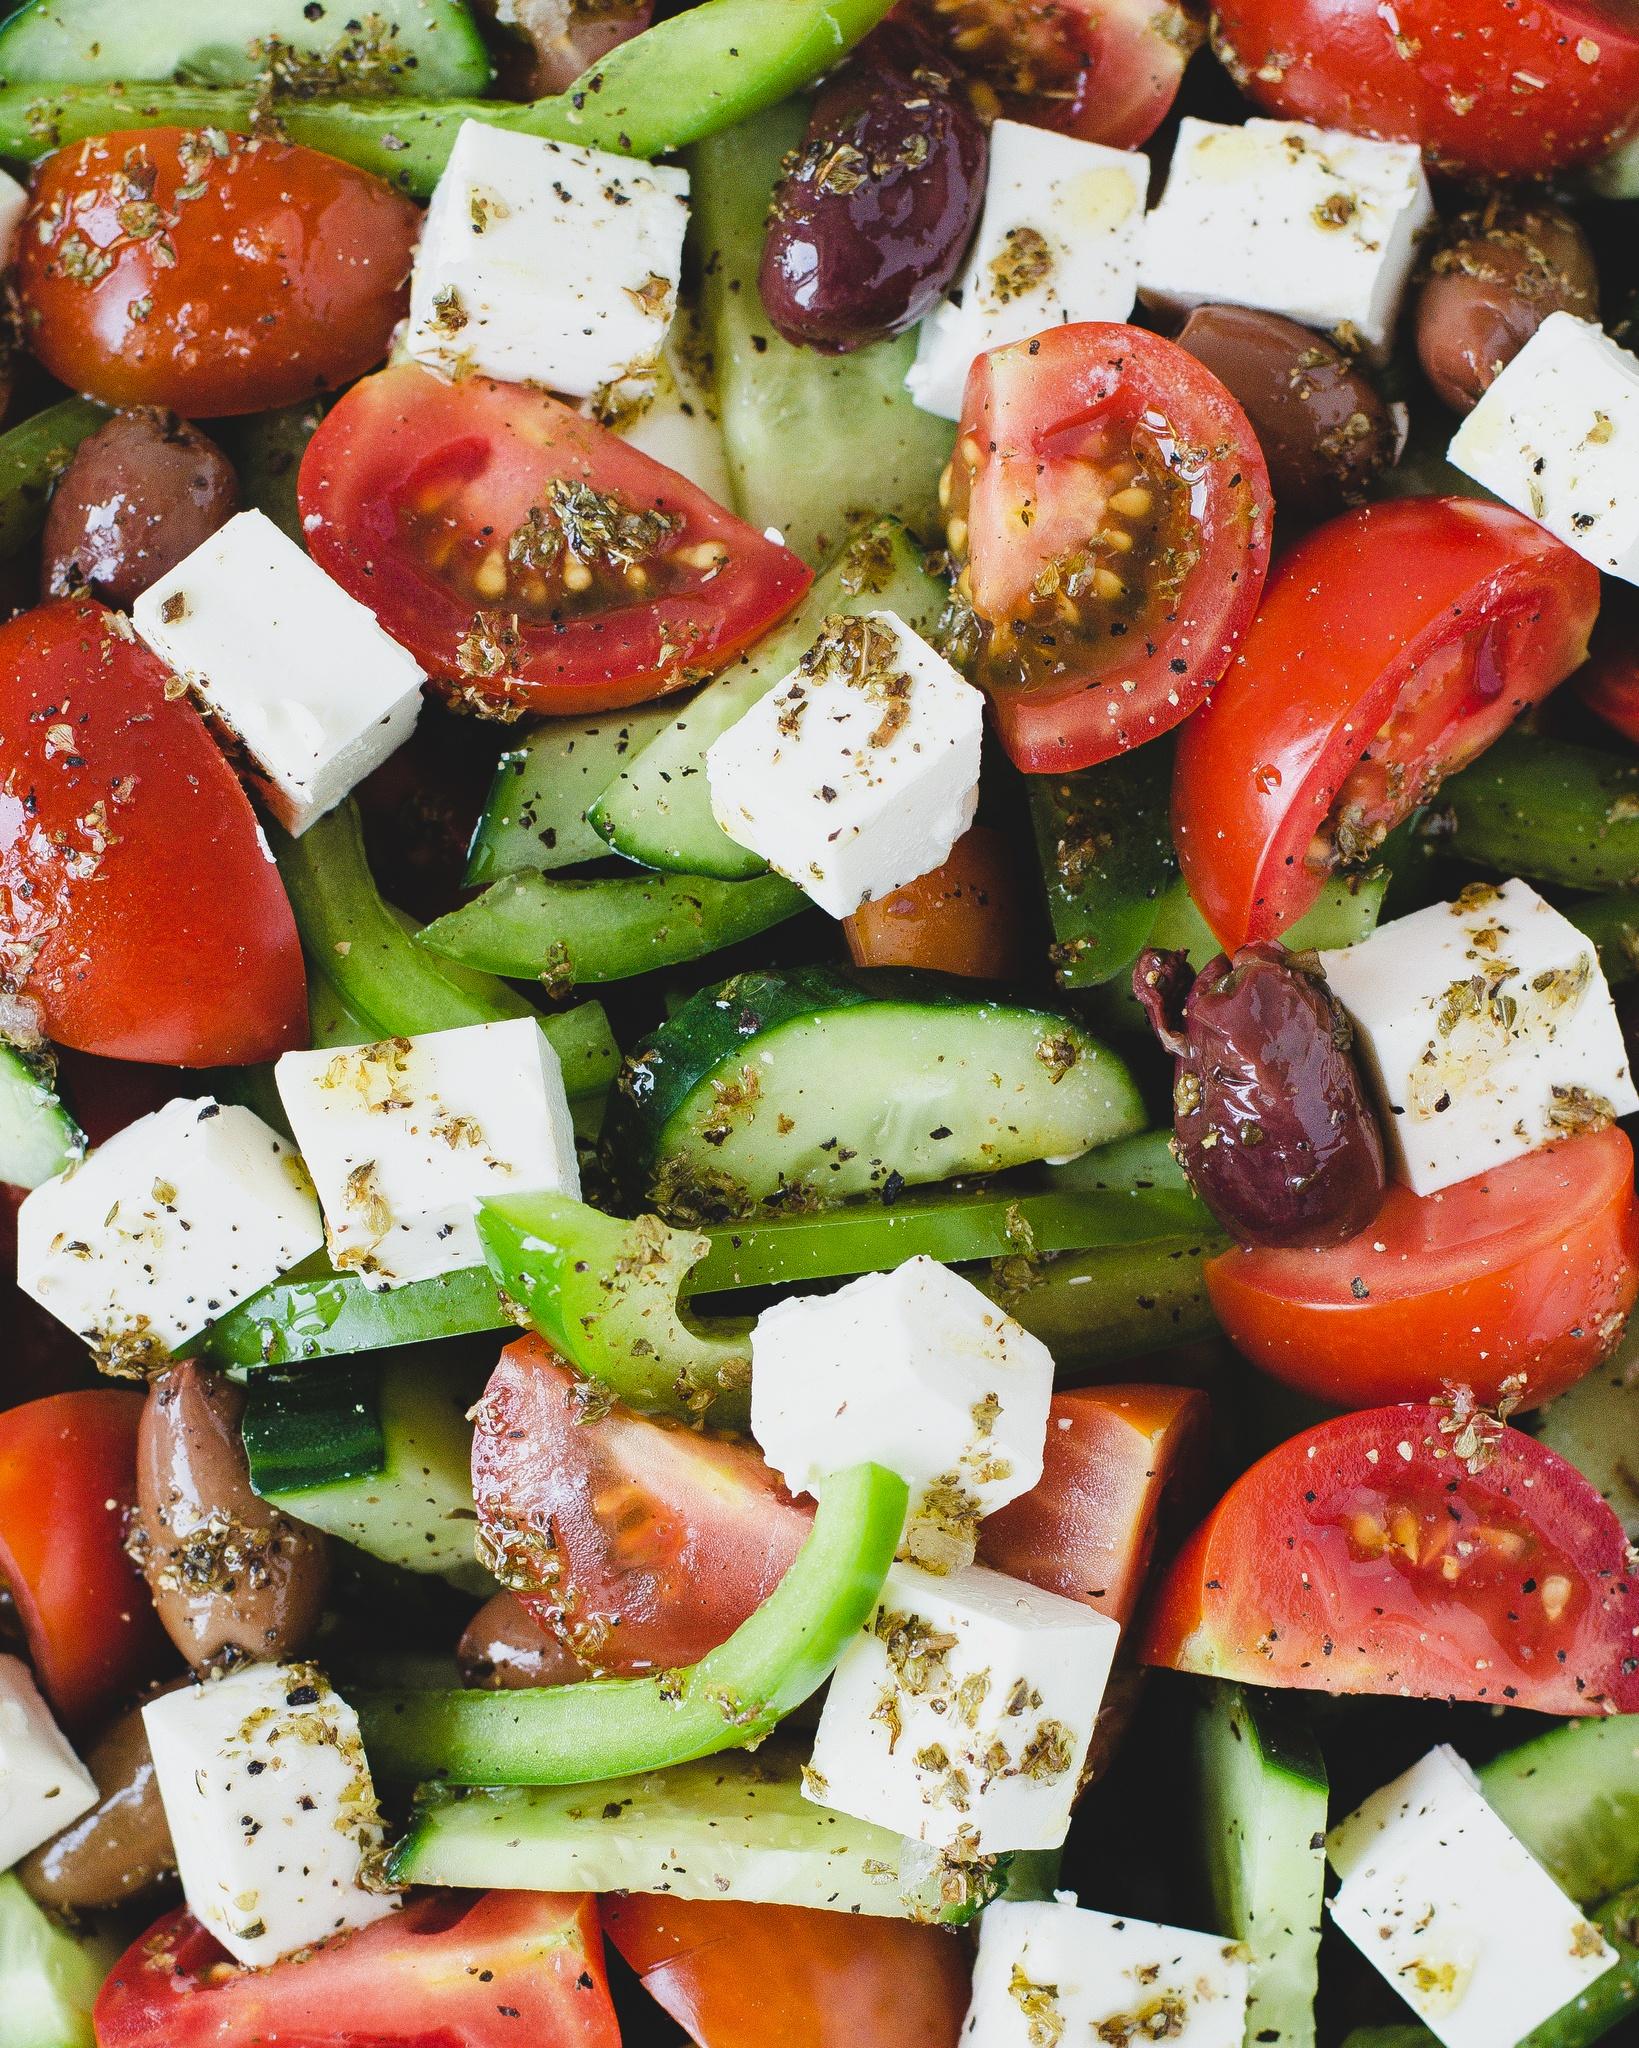 græsk salat med oliven